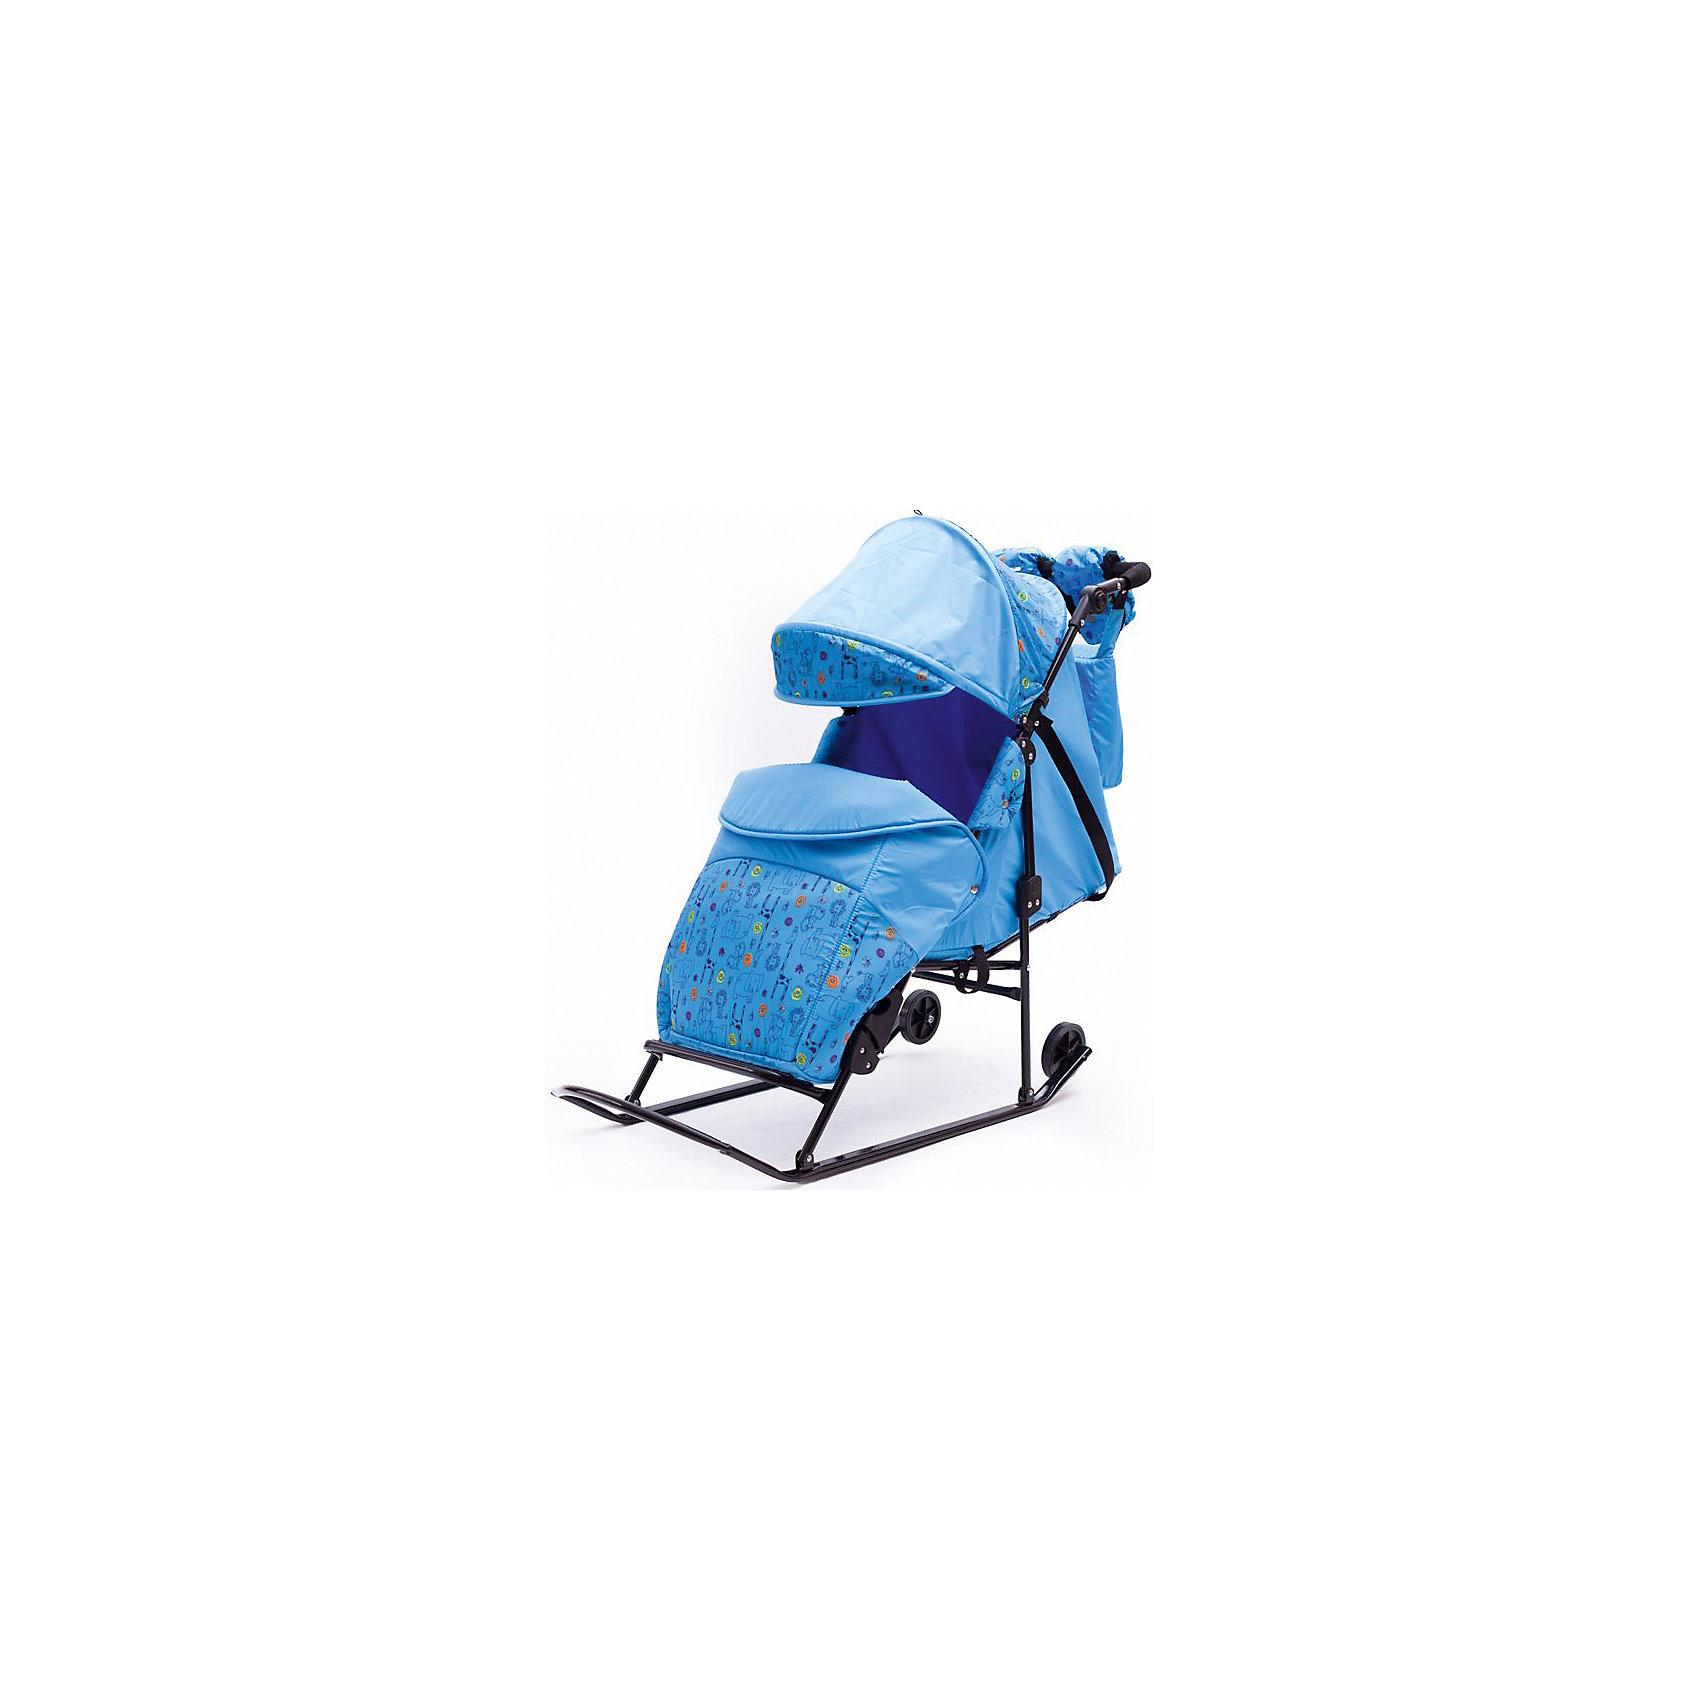 ABC Academy Санки-коляска Зимняя сказка 2В Авто, черная рама, ABC Academy, голубой/зоопарк abc academy санки коляска зимняя сказка 5м люкс белая рама abc academy голубой зоопарк